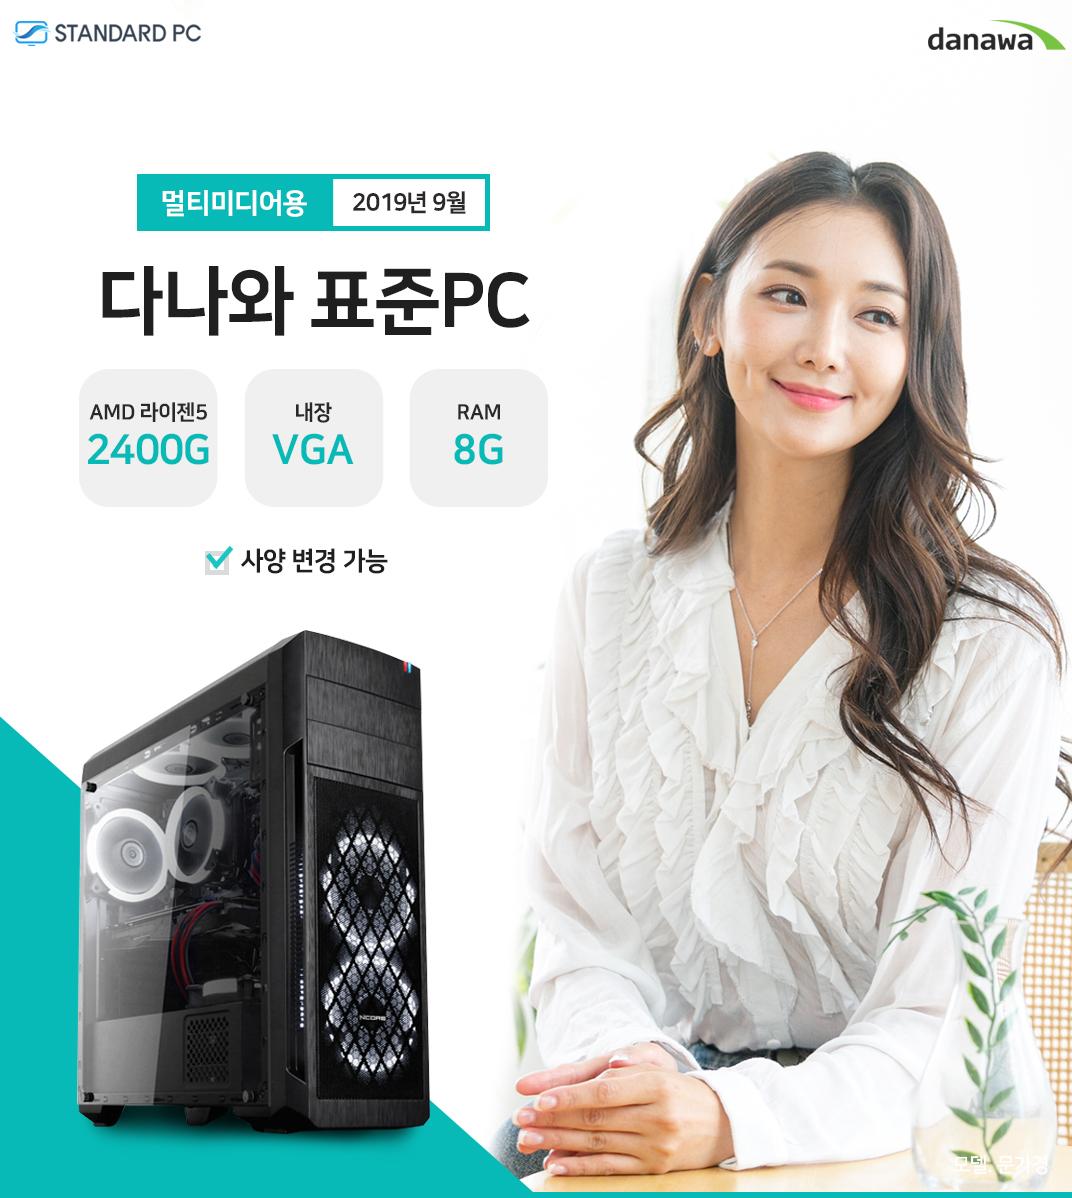 2019년 9월 다나와 멀티미디어용 AMD 라이젠 5 2400G 내장 VGA RAM 8G 모델 문가경